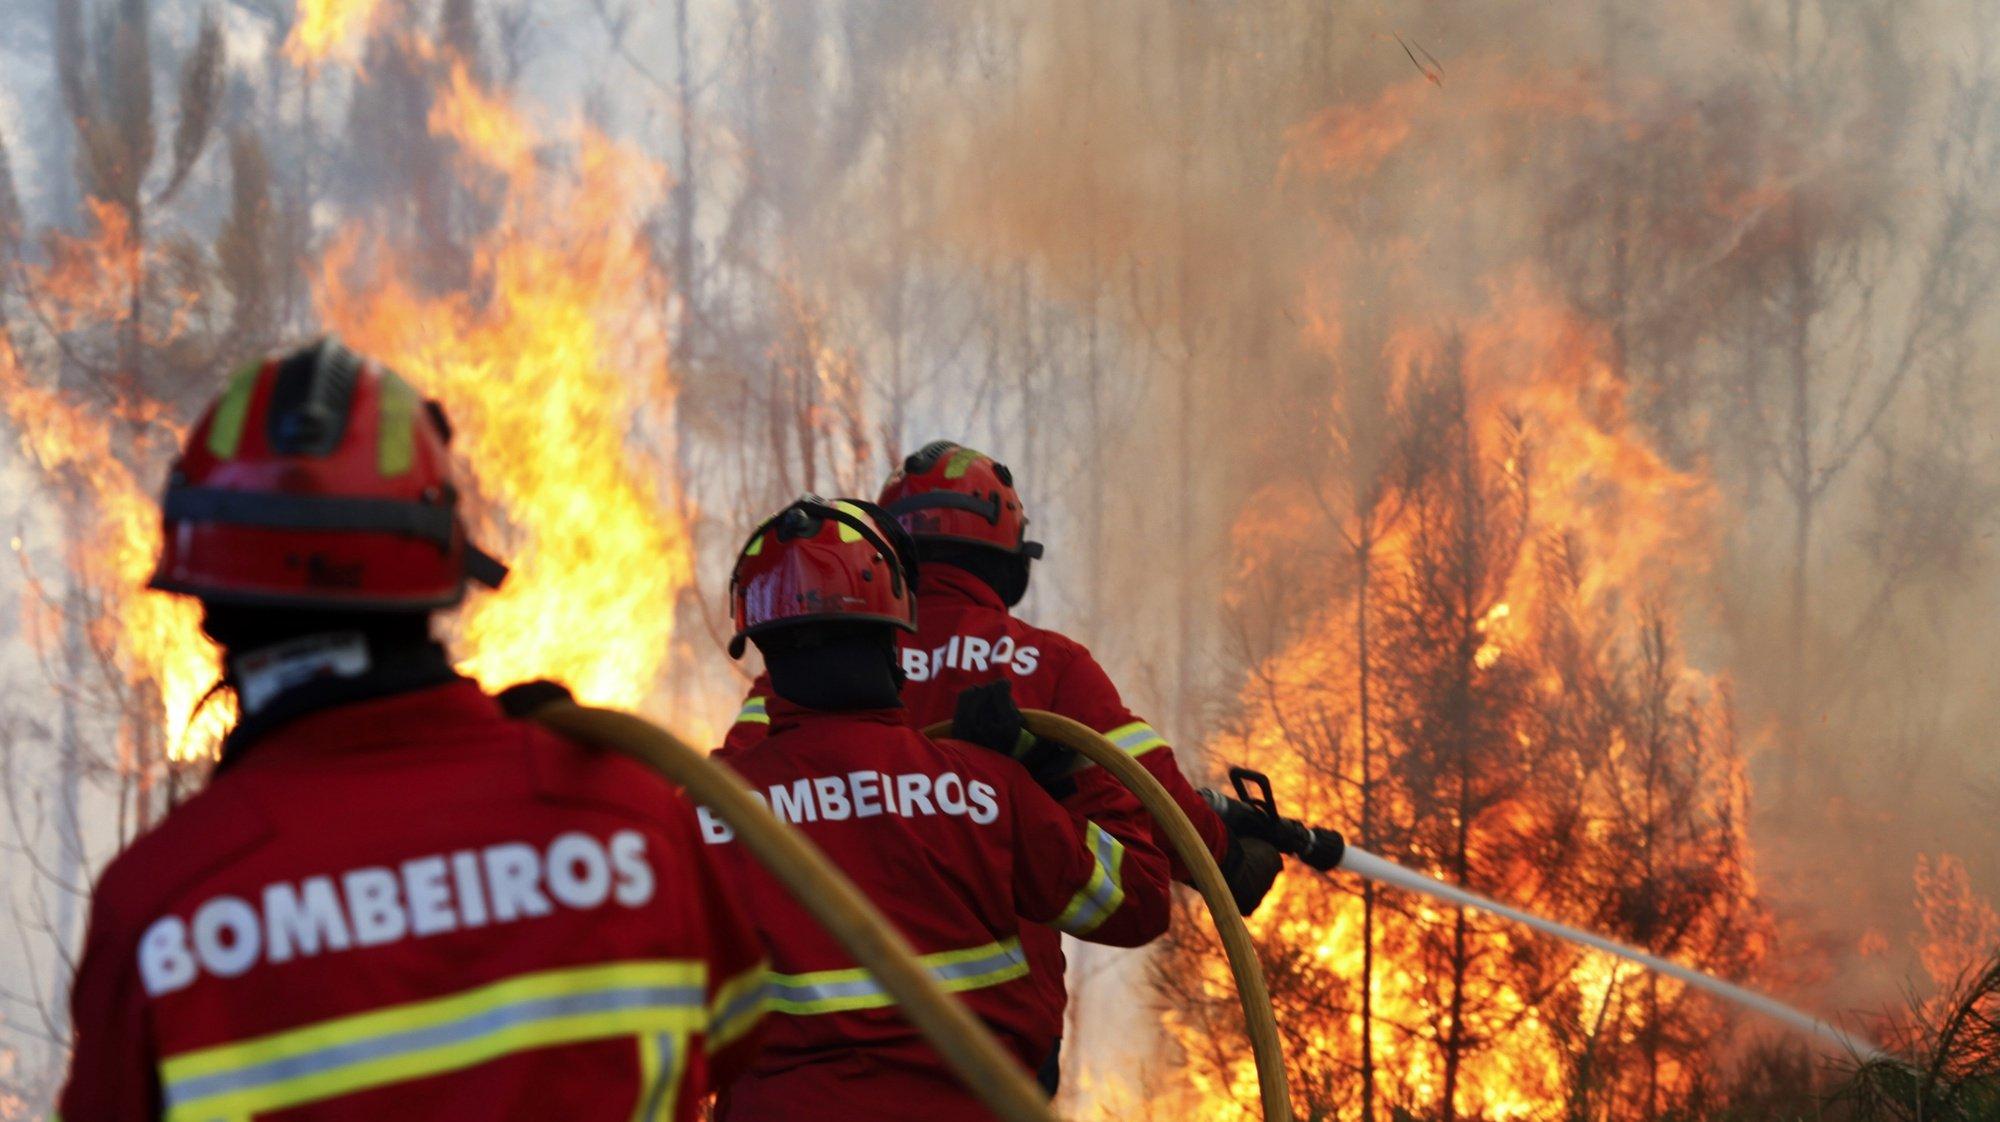 Bombeiros durante o combate a um incêndio entre Casal dos Bernardos e Rio de Couros, no concelho de Ourém, 4 agosto 2015. PAULO CUNHA/LUSA